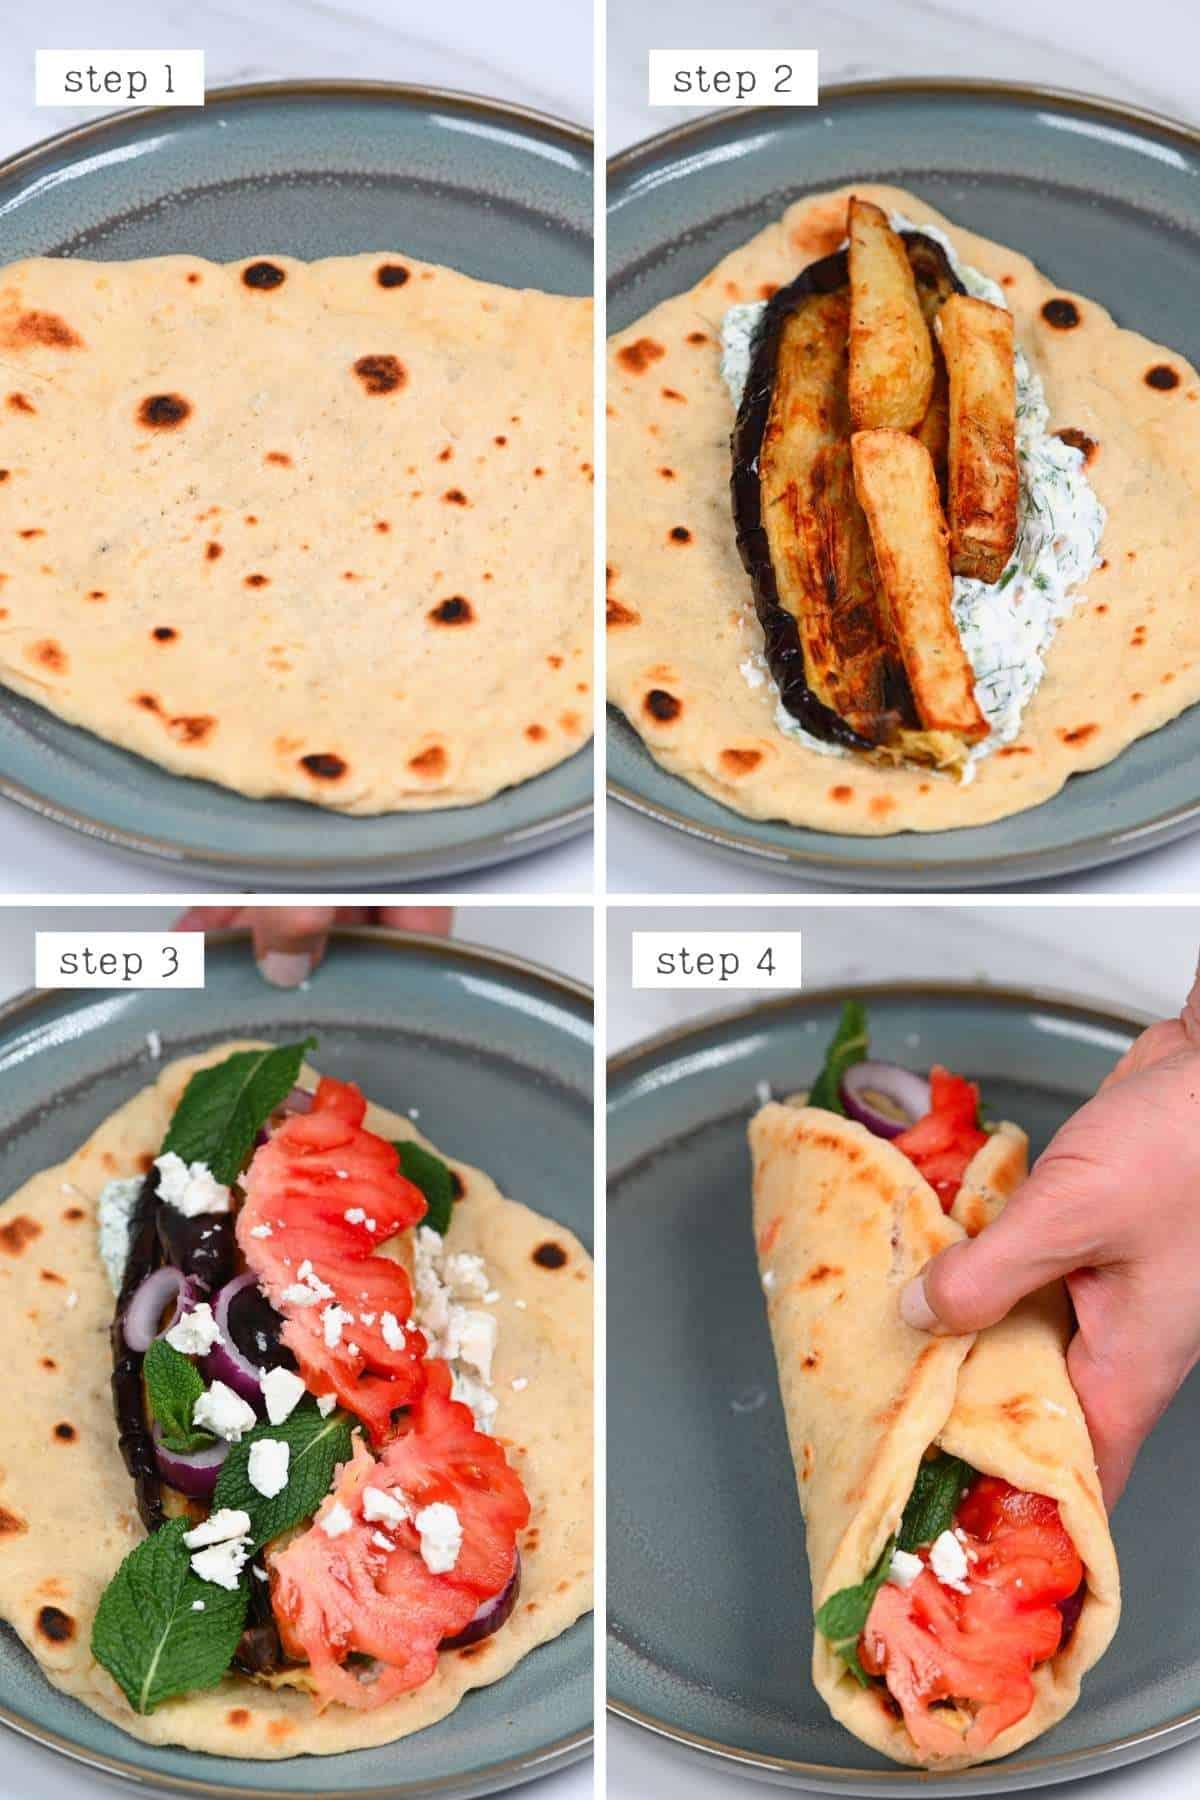 Steps for preparing a pita wrap